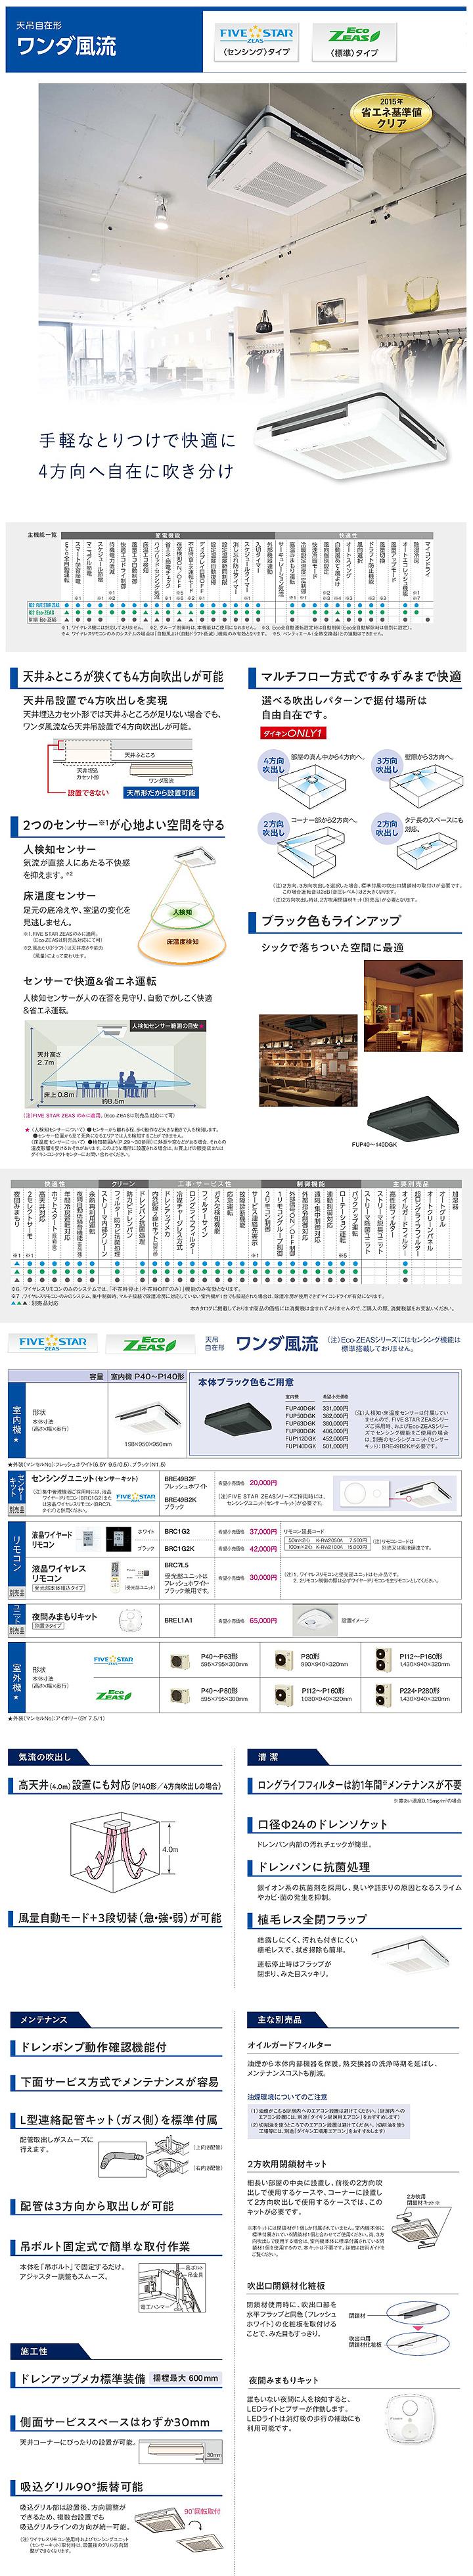 ダイキン SSRU63BCV 業務用エアコン